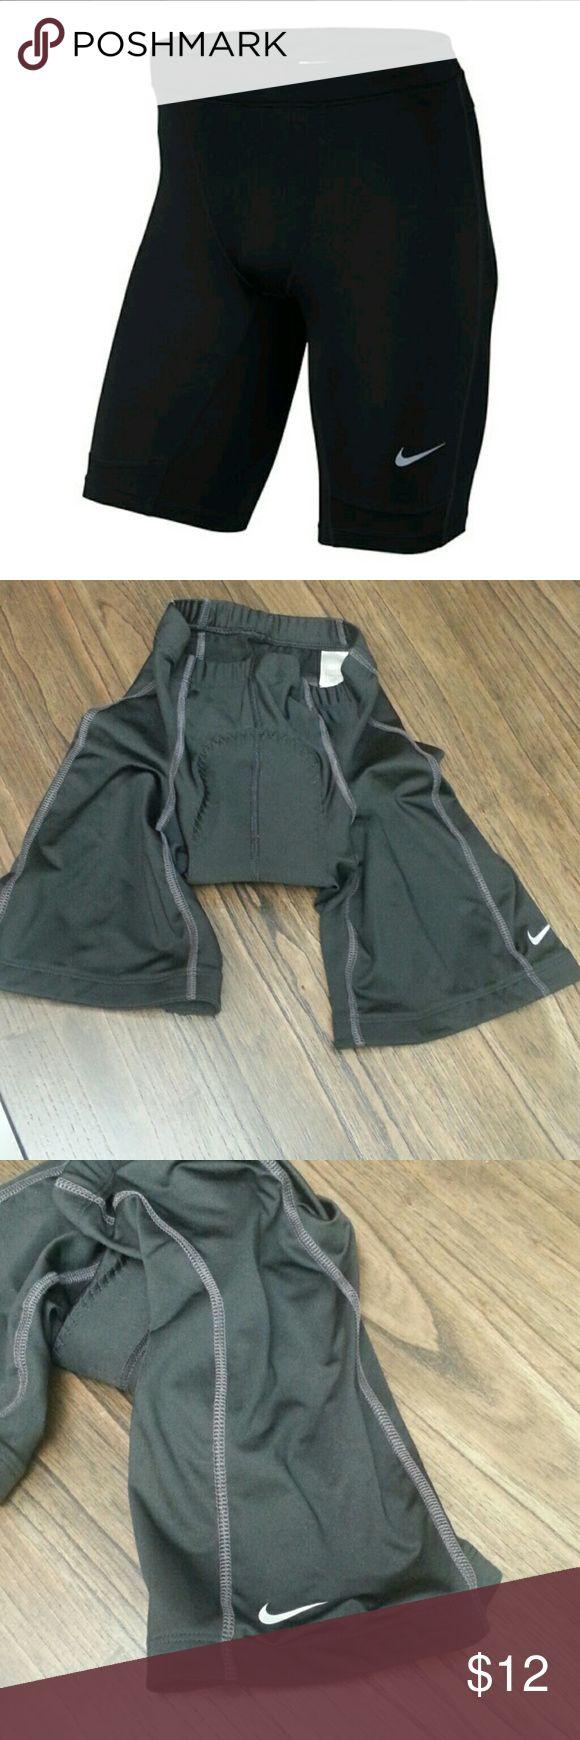 Nike Cycling Shorts with Compression Good shape. Size medium Nike Shorts